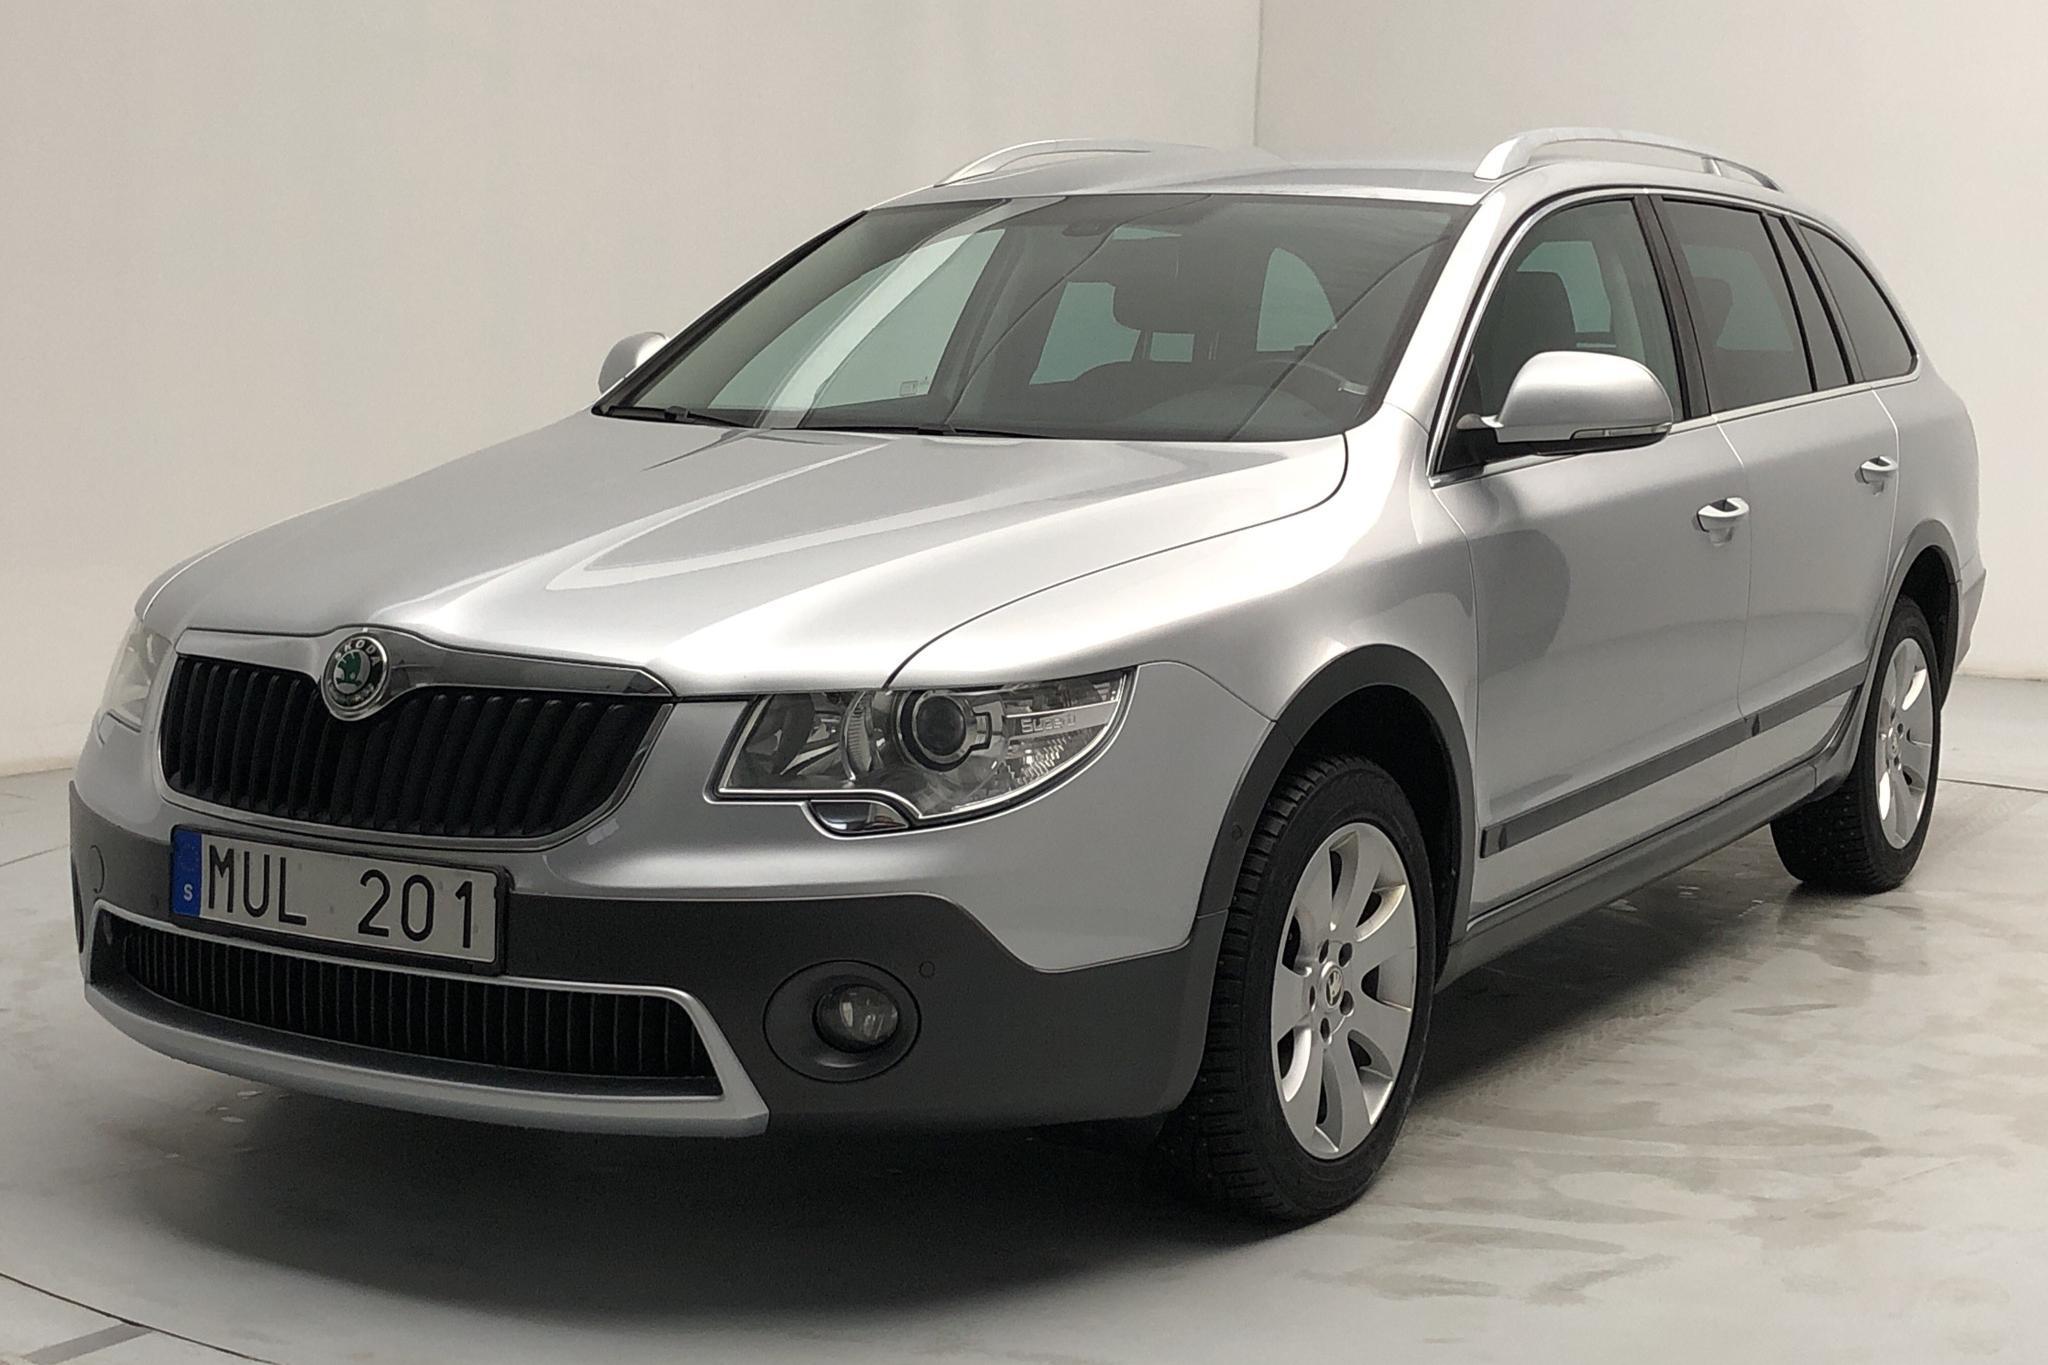 Skoda Superb 2.0 TDI Kombi 4X4 (140hk) - 127 990 km - Automatic - silver - 2013